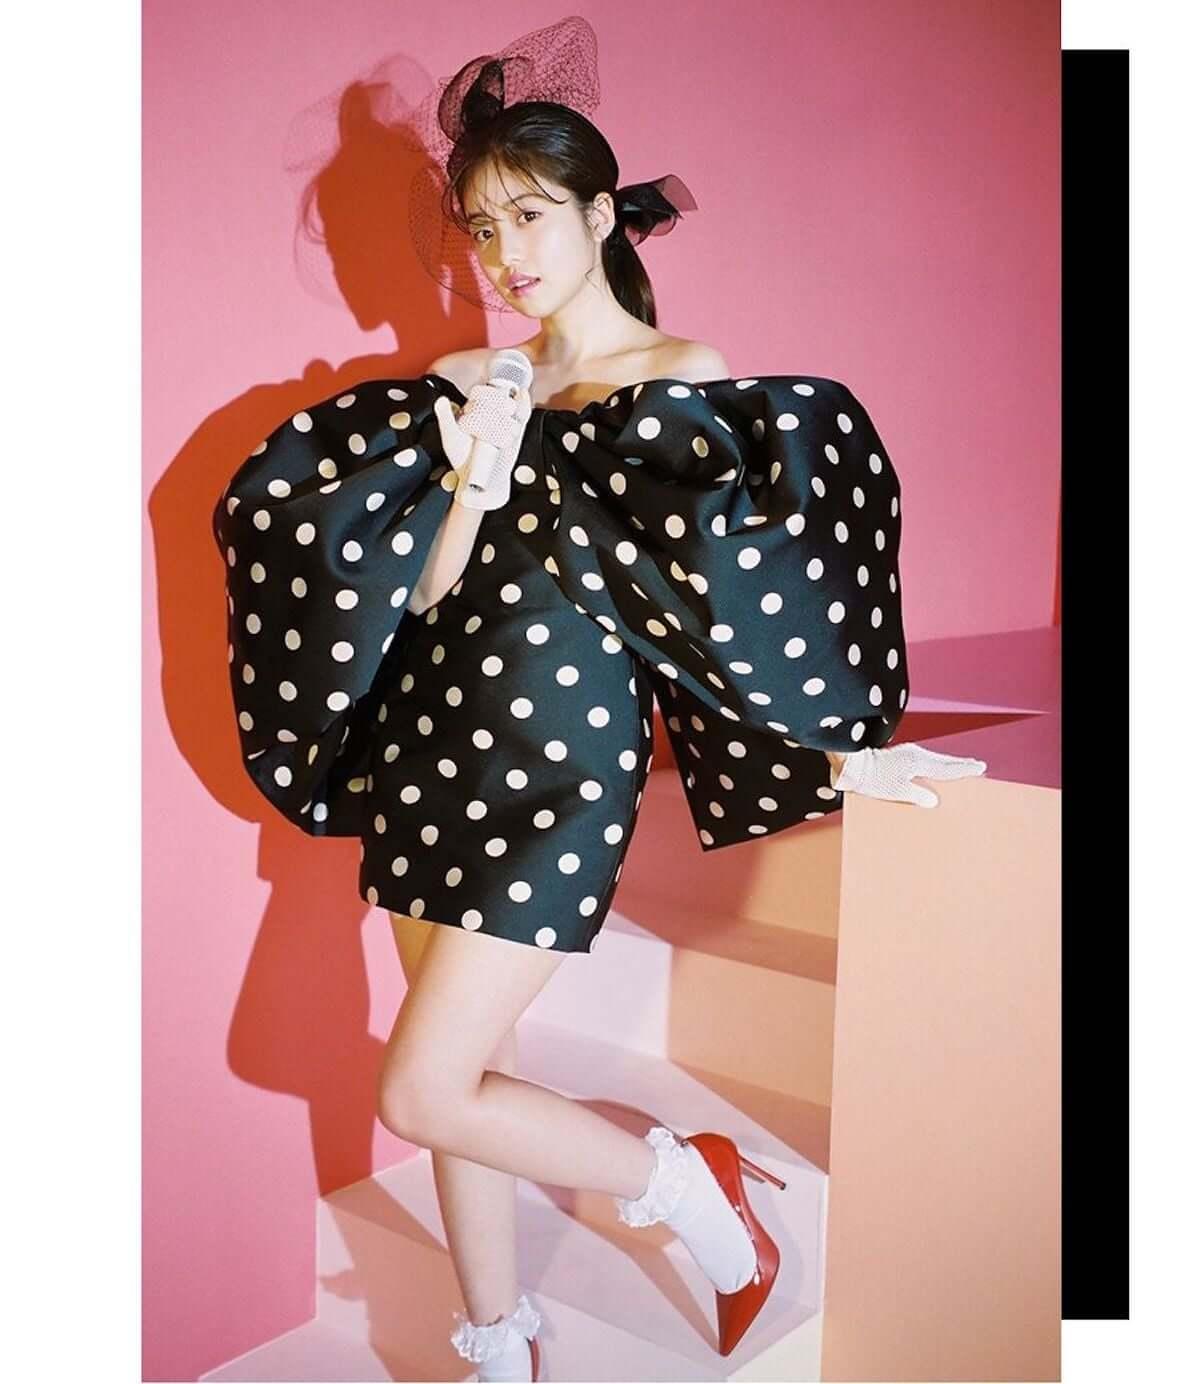 今田美桜が懐かしいアイドルに大変身!『VOGUE GIRL』の企画「GIRL OF THE MONTH」に登場 life190328_imadamio_1-1200x1384